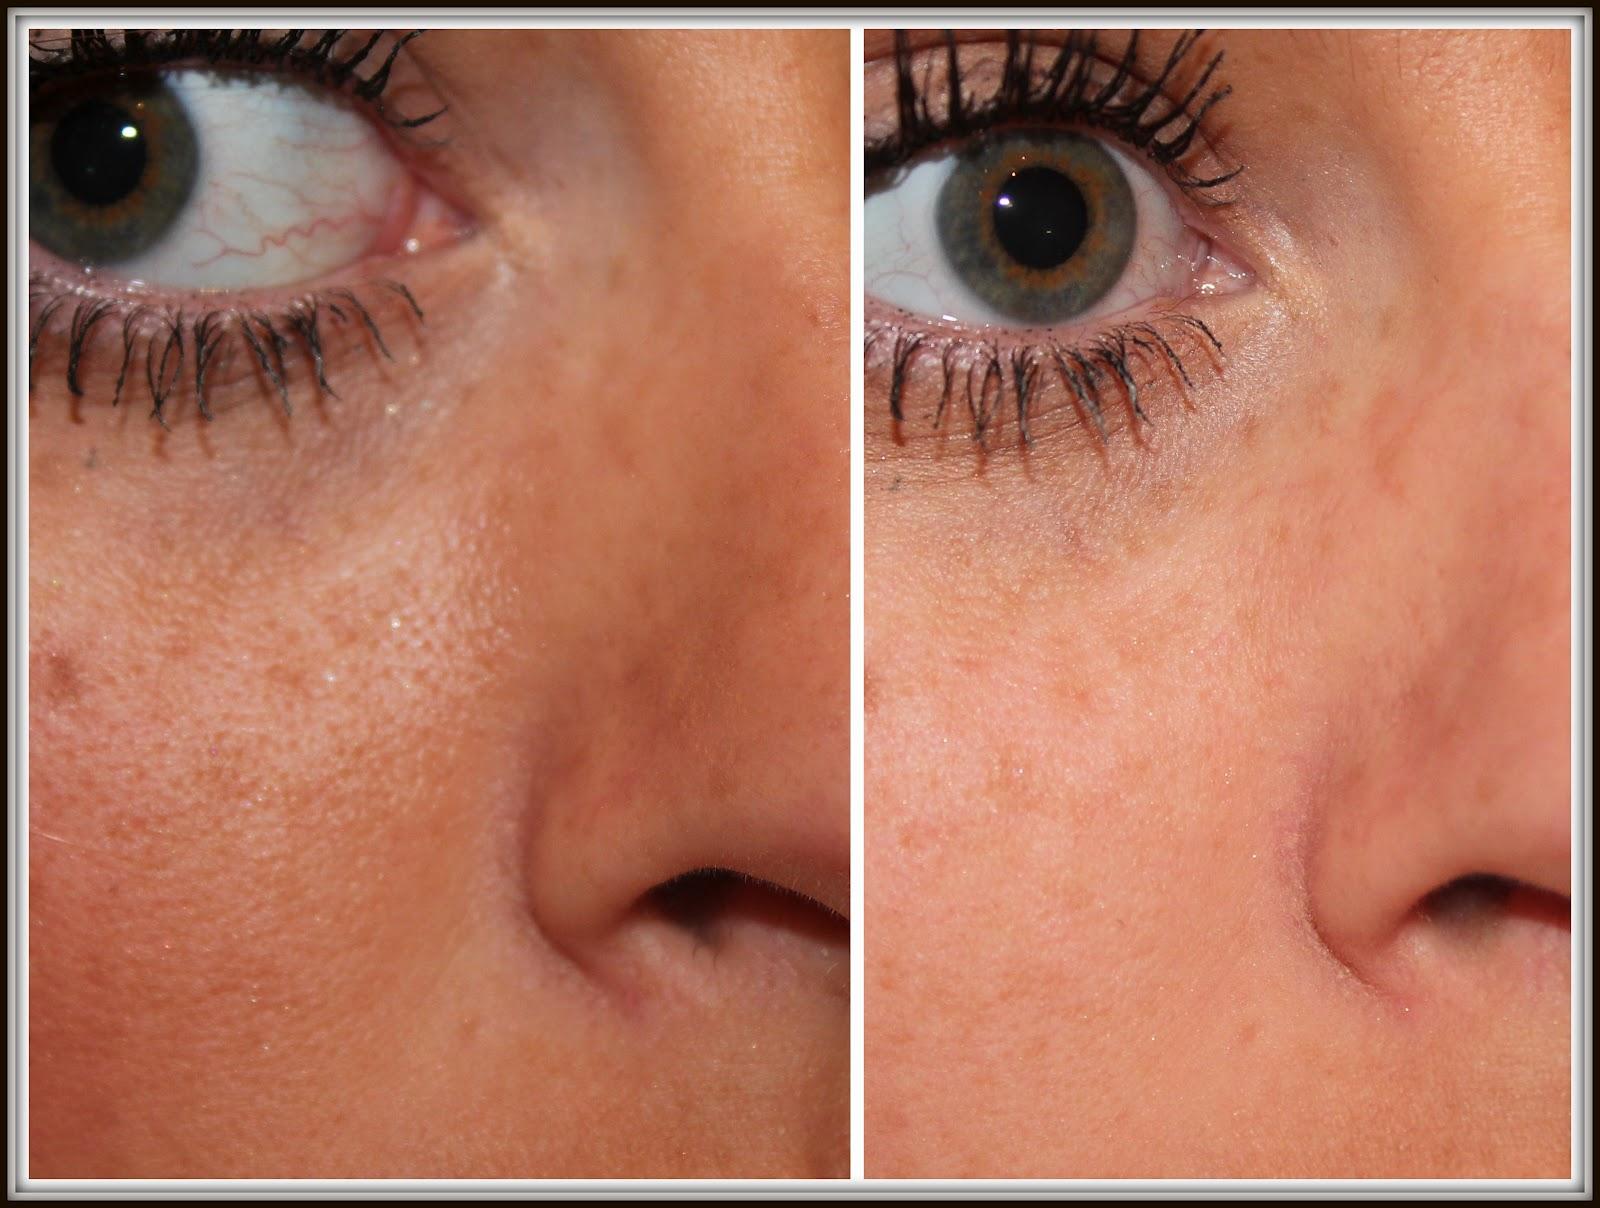 perfector+perfecting+makeup+poreless+clinique+instatnt+pore+perfector